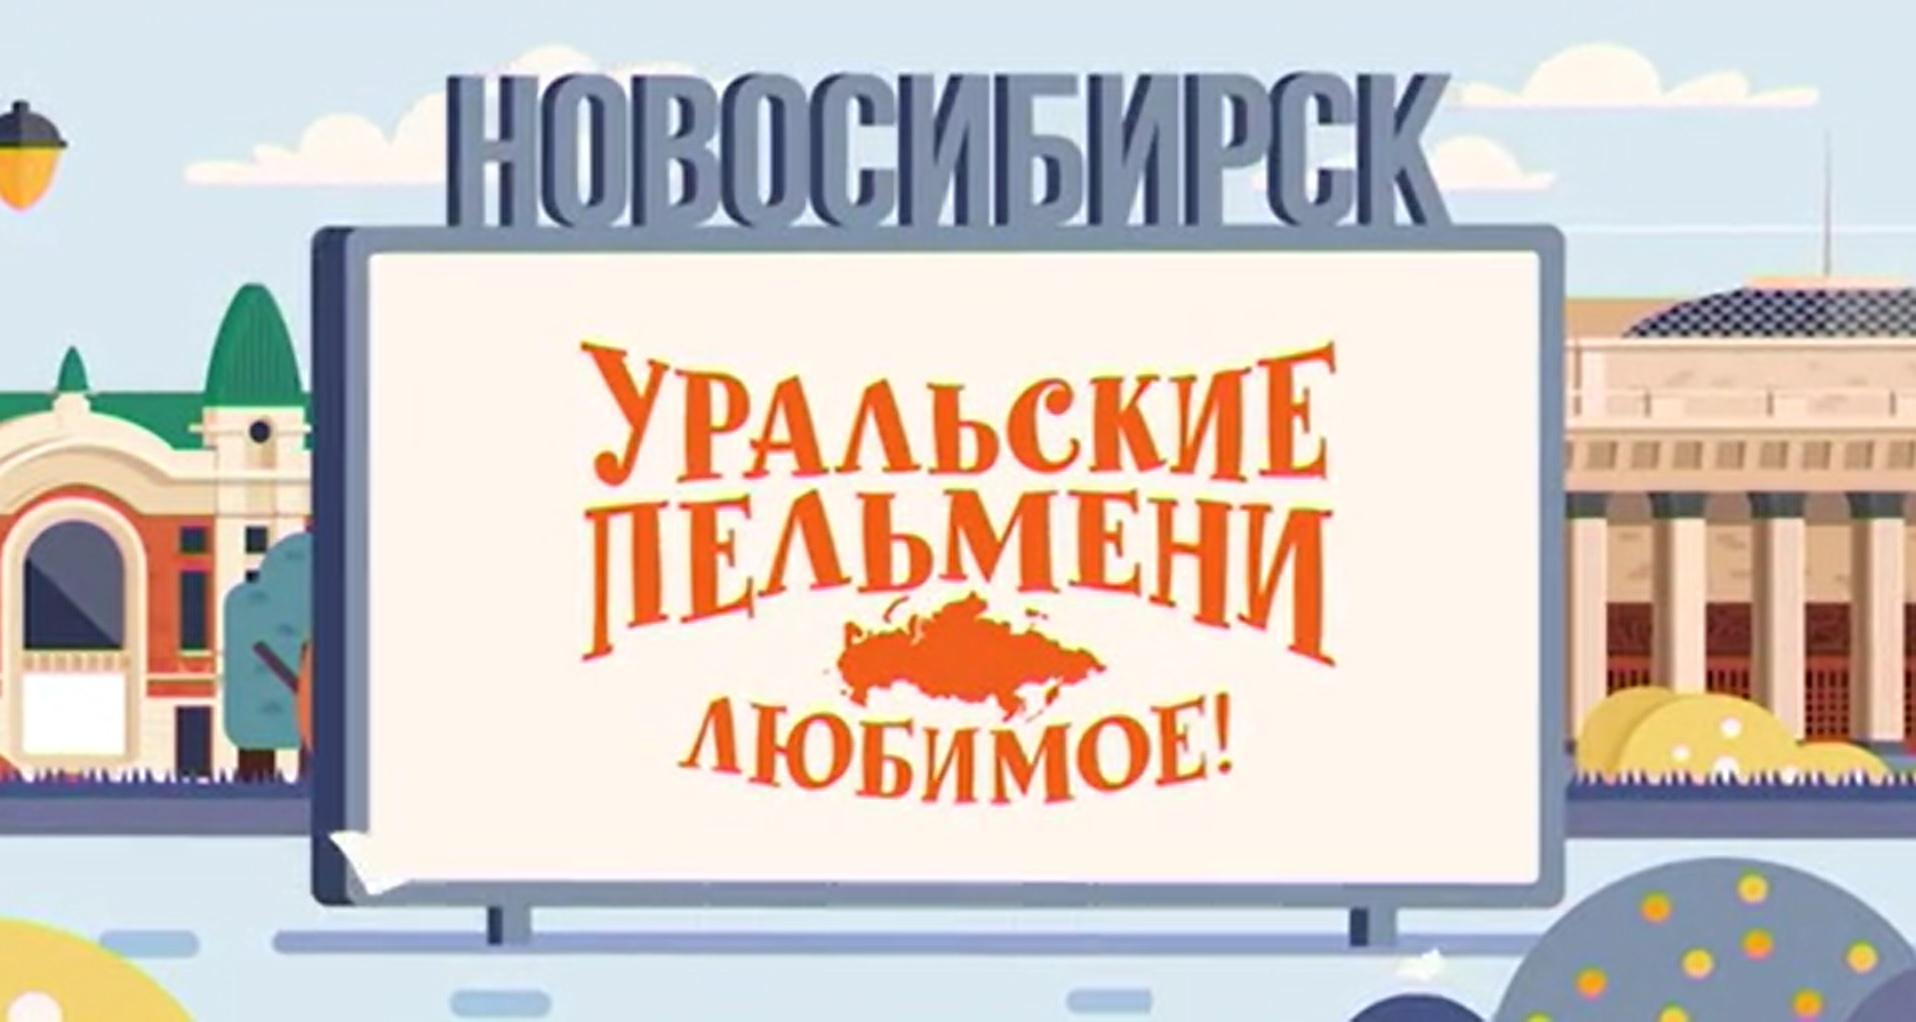 Творческий коллектив Уральские Пельмени Уральские пельмени. Любимое. Новосибирск творческий коллектив уральские пельмени уральские пельмени любимое орск